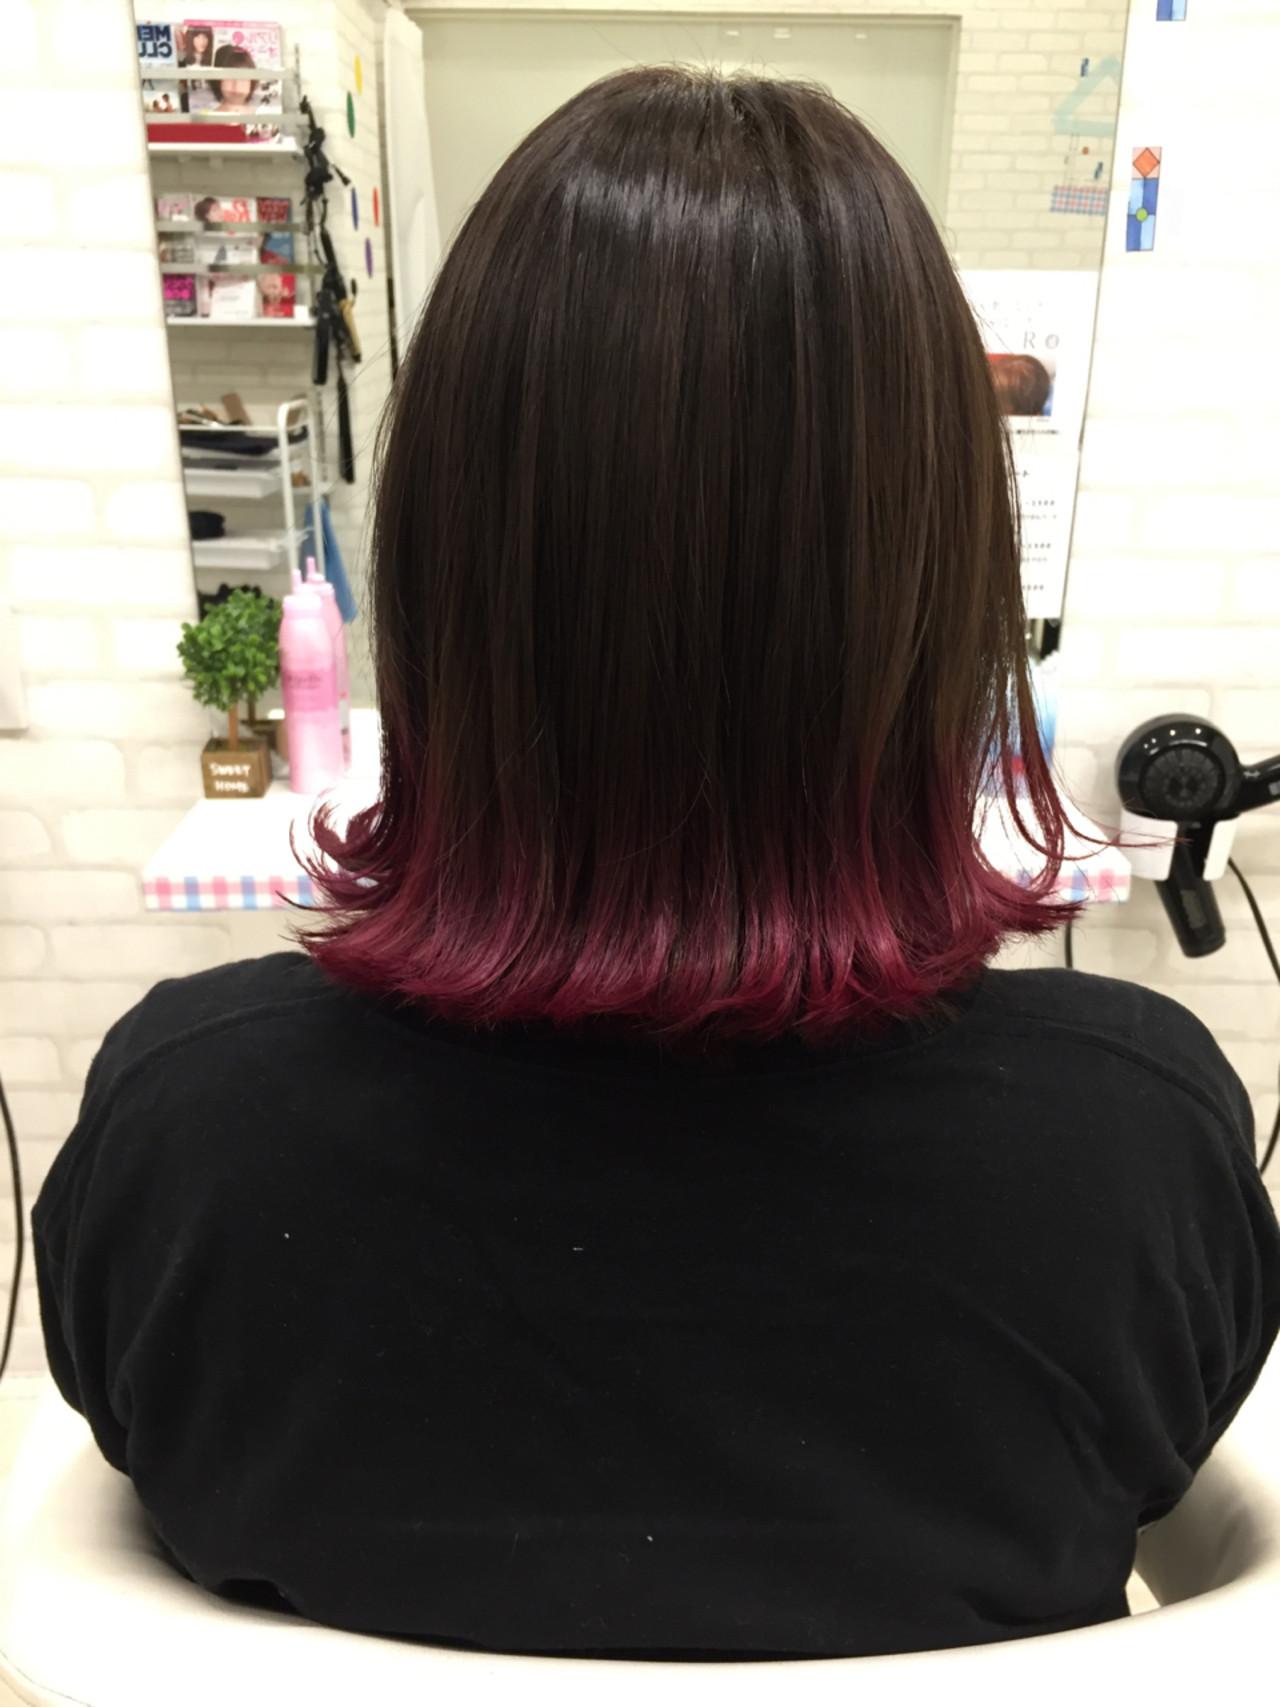 グラデーションカラー 外ハネ ピンク 切りっぱなし ヘアスタイルや髪型の写真・画像